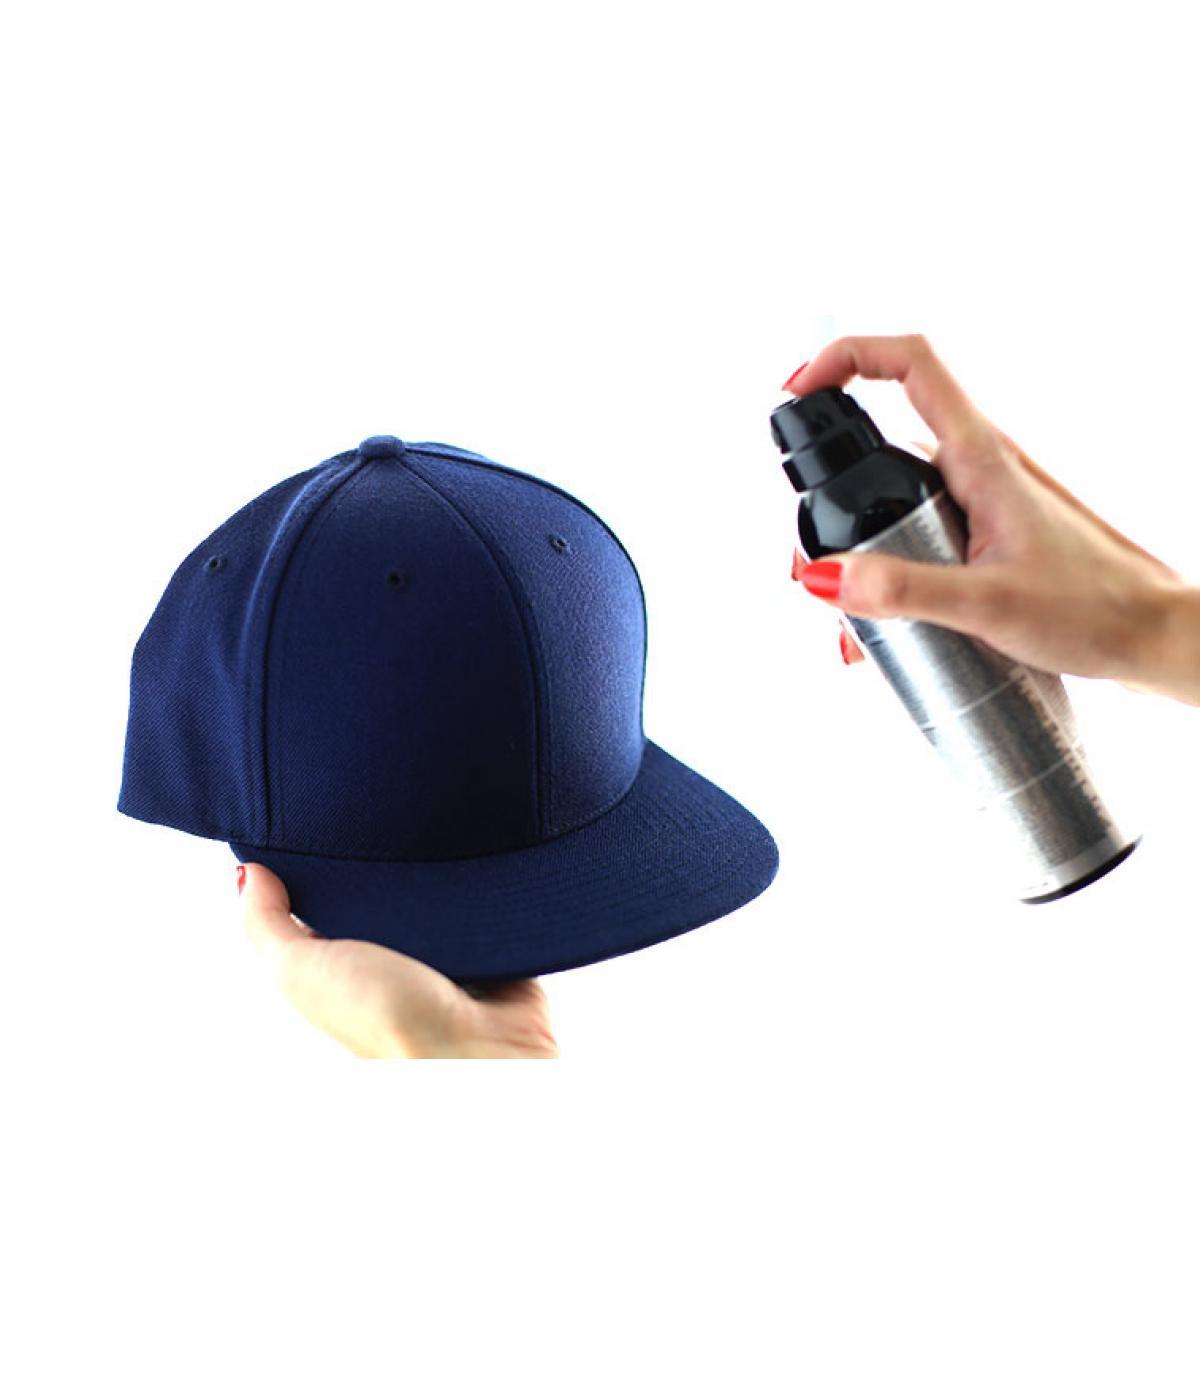 Détails Bombe imperméabilisante casquette et chapeau Crep Protect - image 3